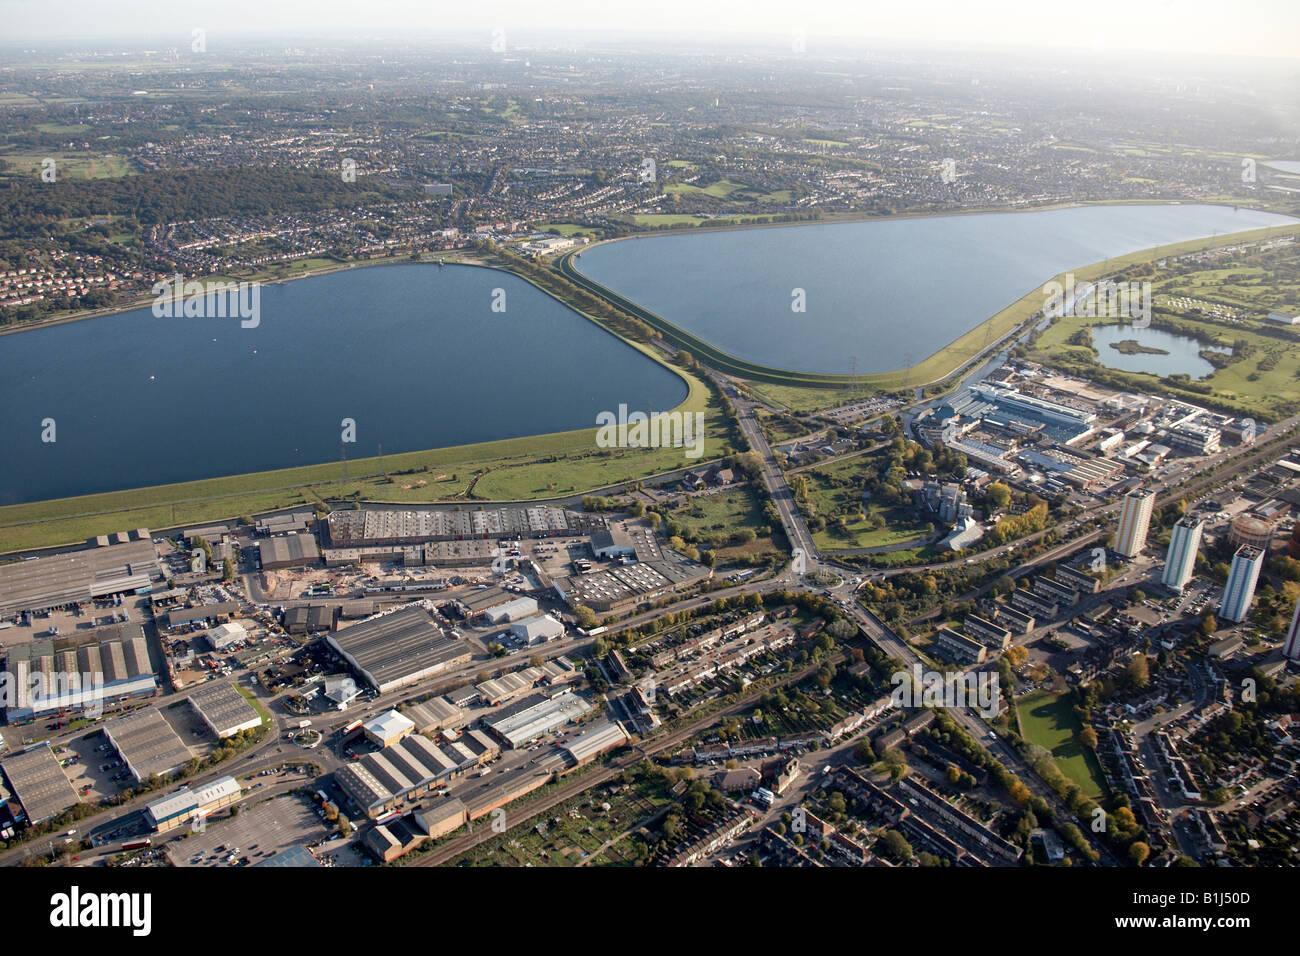 Luftbild südöstlich von King George s und William Girling Reservoir Talstraße Handel und Gewerbegebieten Stockbild